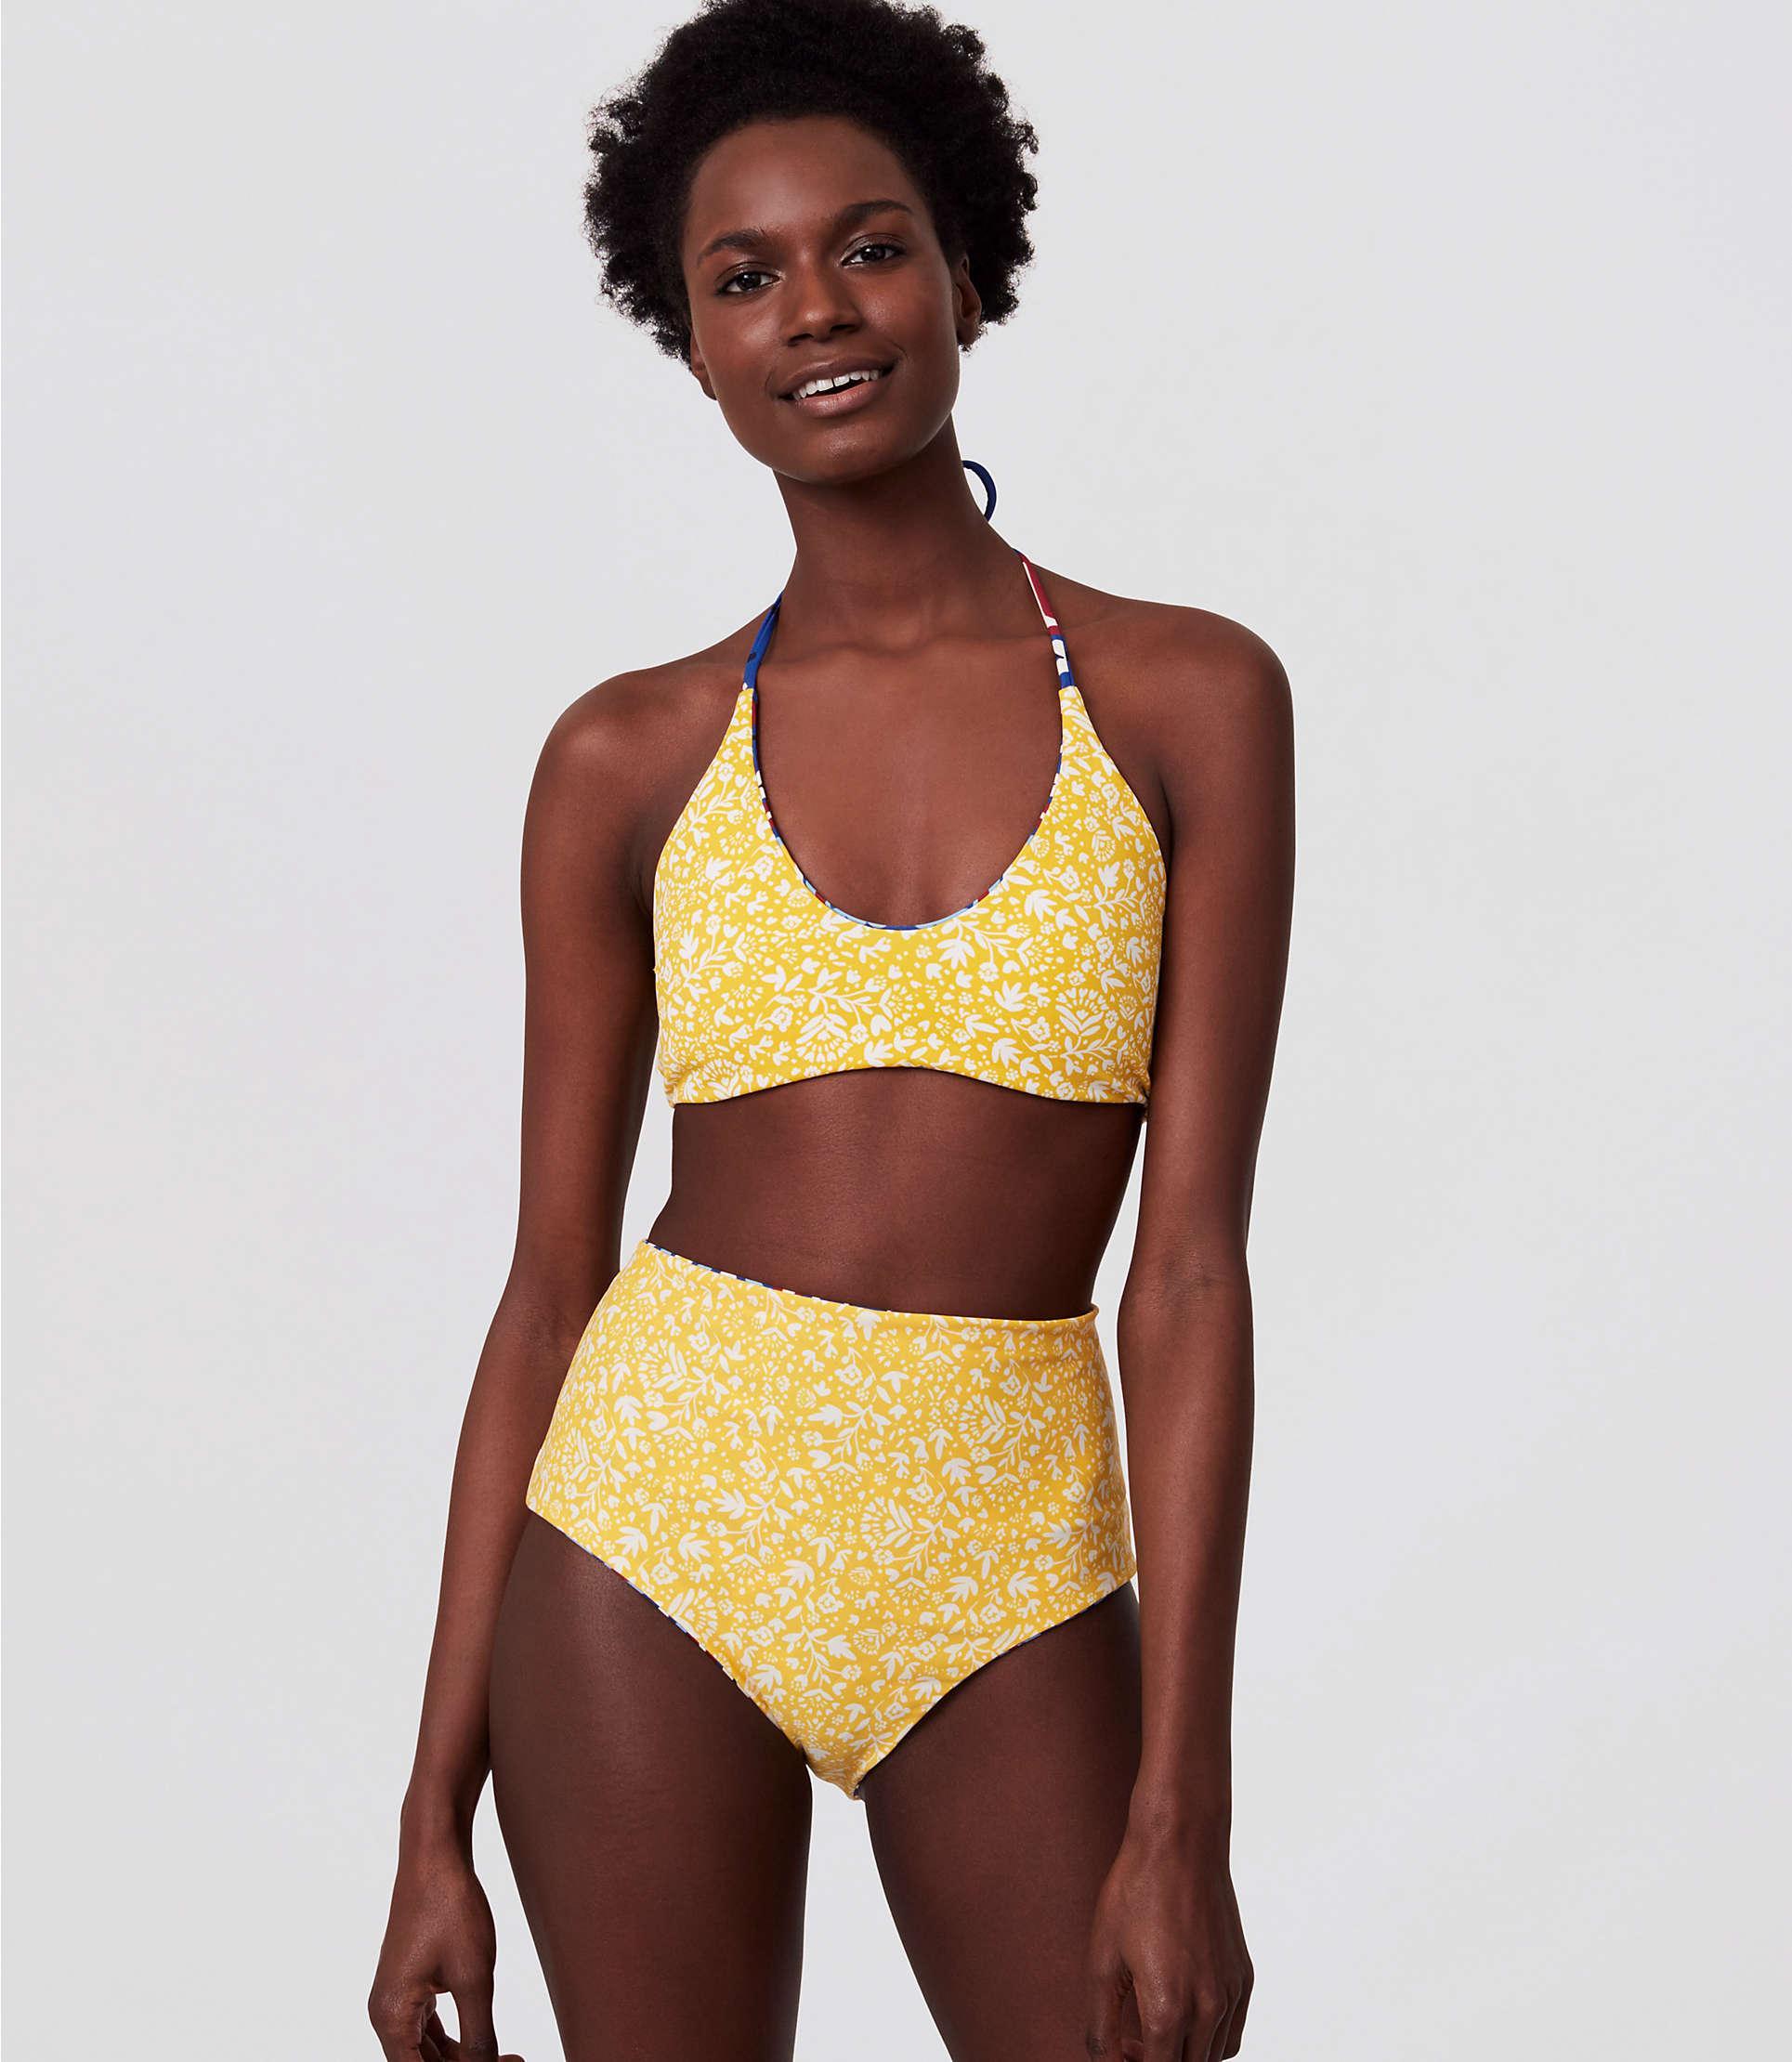 c14d12eec14c2 LOFT Beach Reversible Halter Bikini Top - Lyst